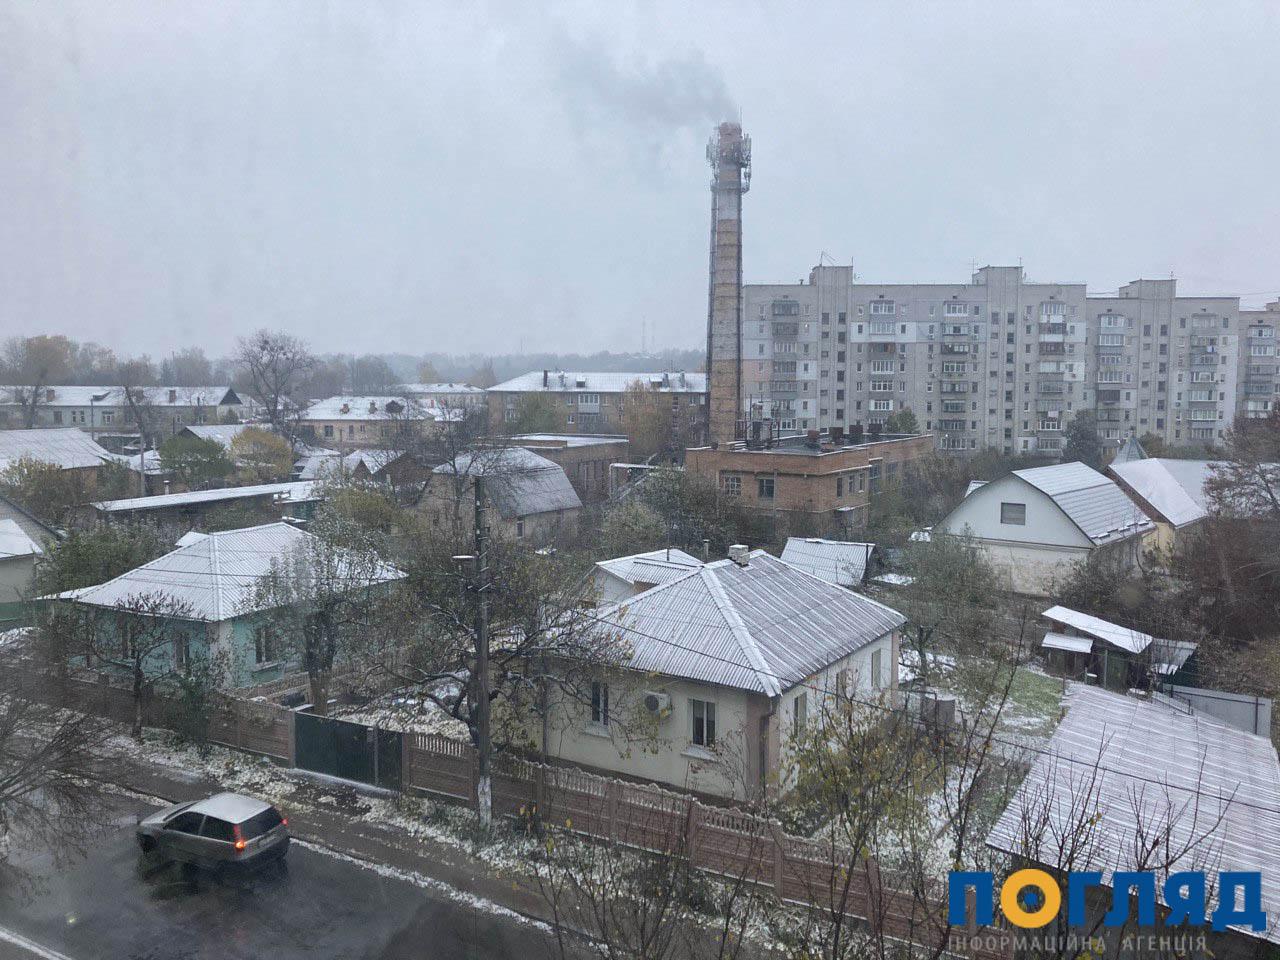 Засніжило: на Київщині випав перший сніг (ФОТО) - сніг, погода, перший сніг - 17 sneg Vasylkov 2